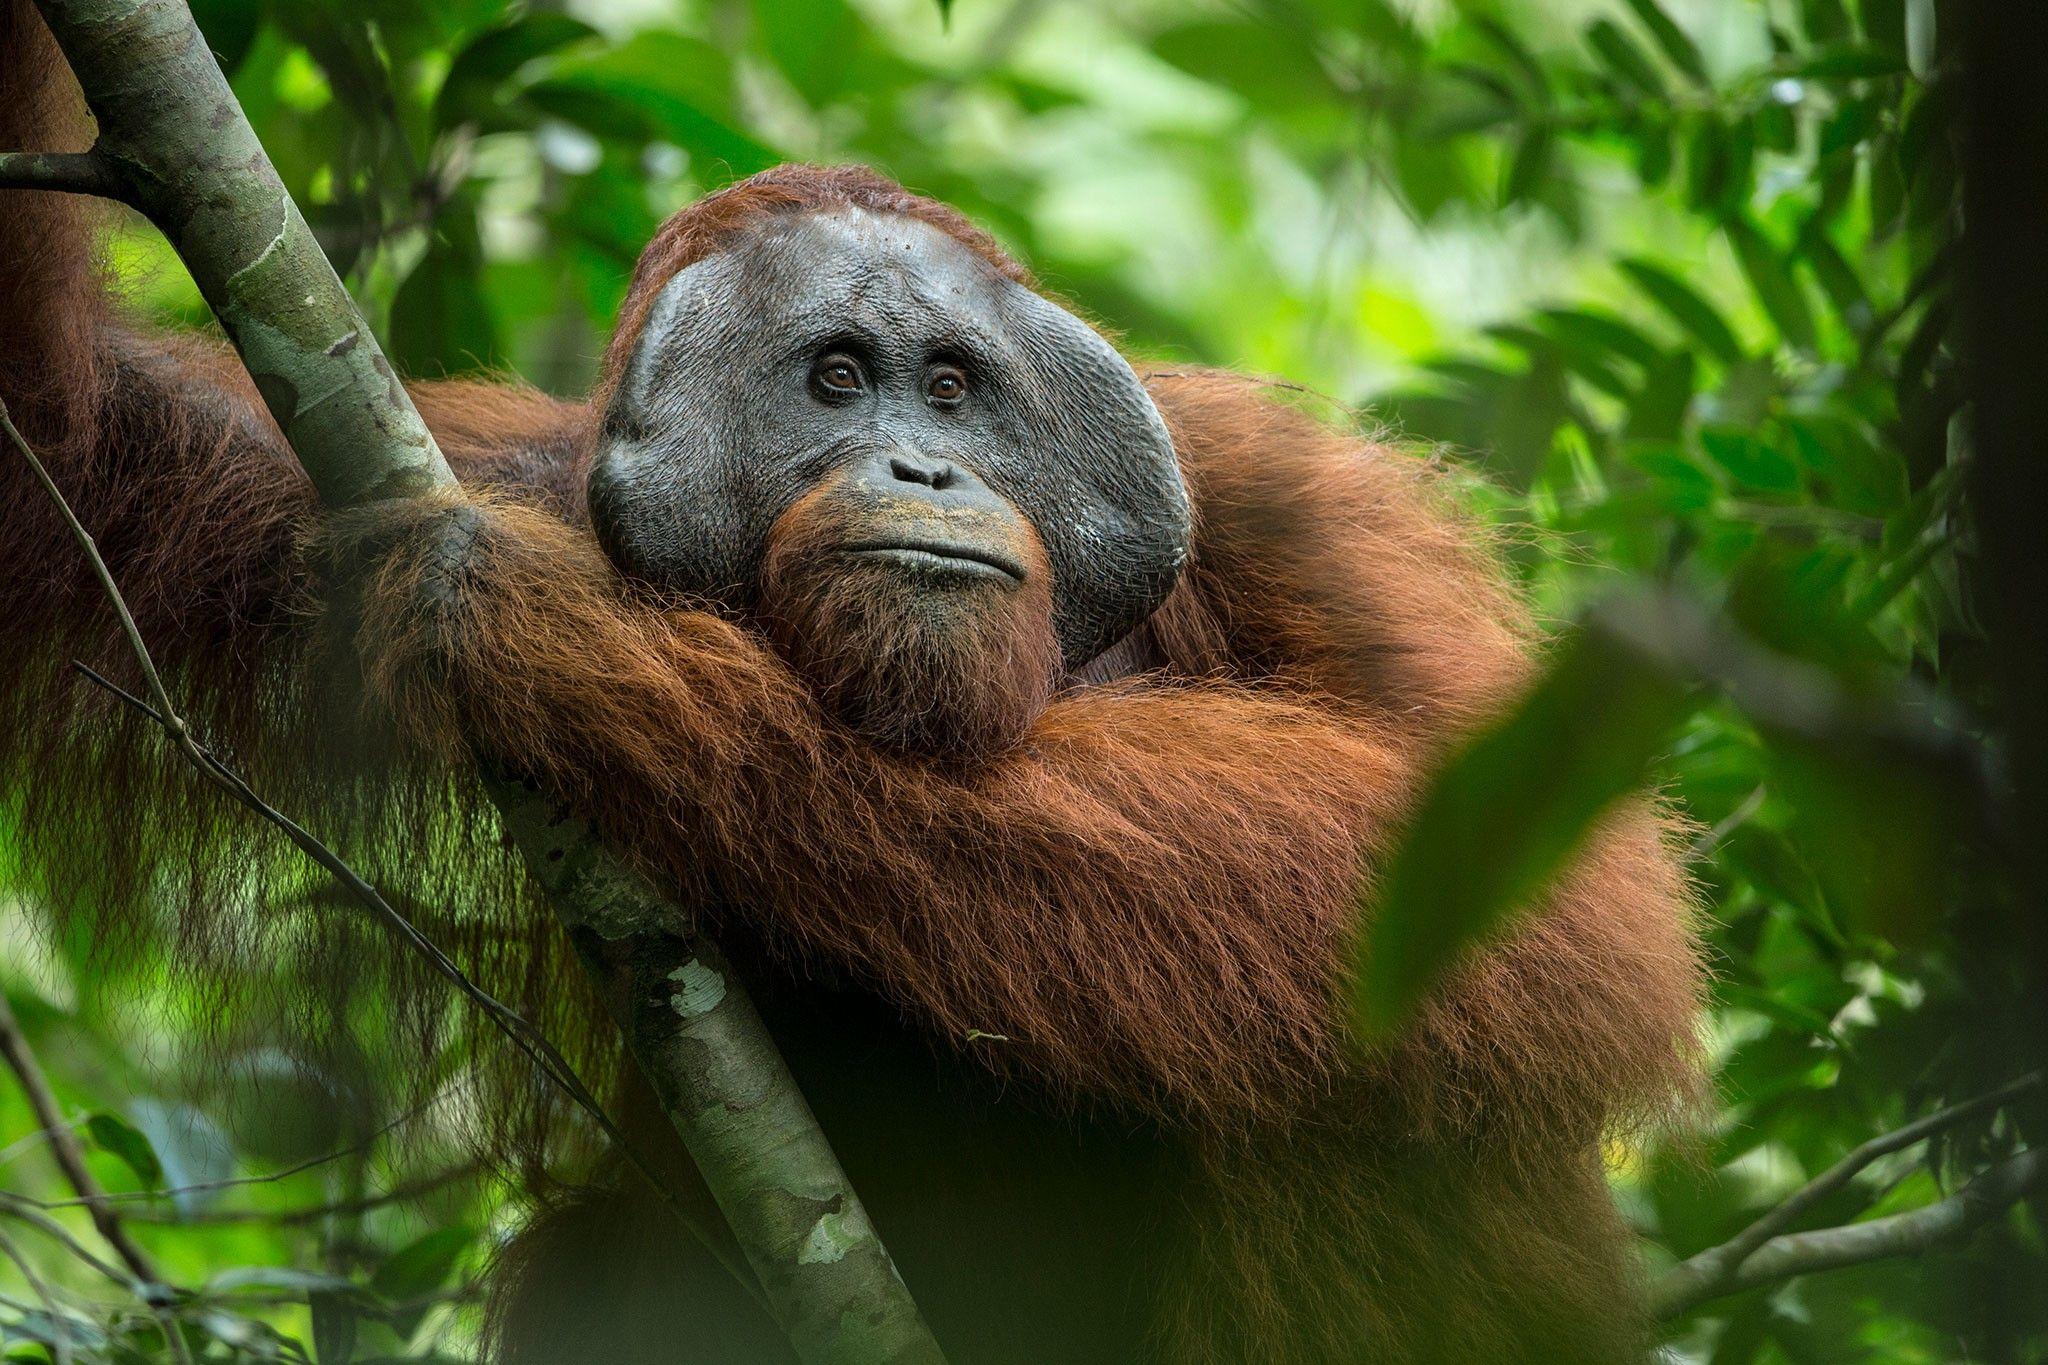 Un sondage révèle l'importance de la protection de la planète pour la population